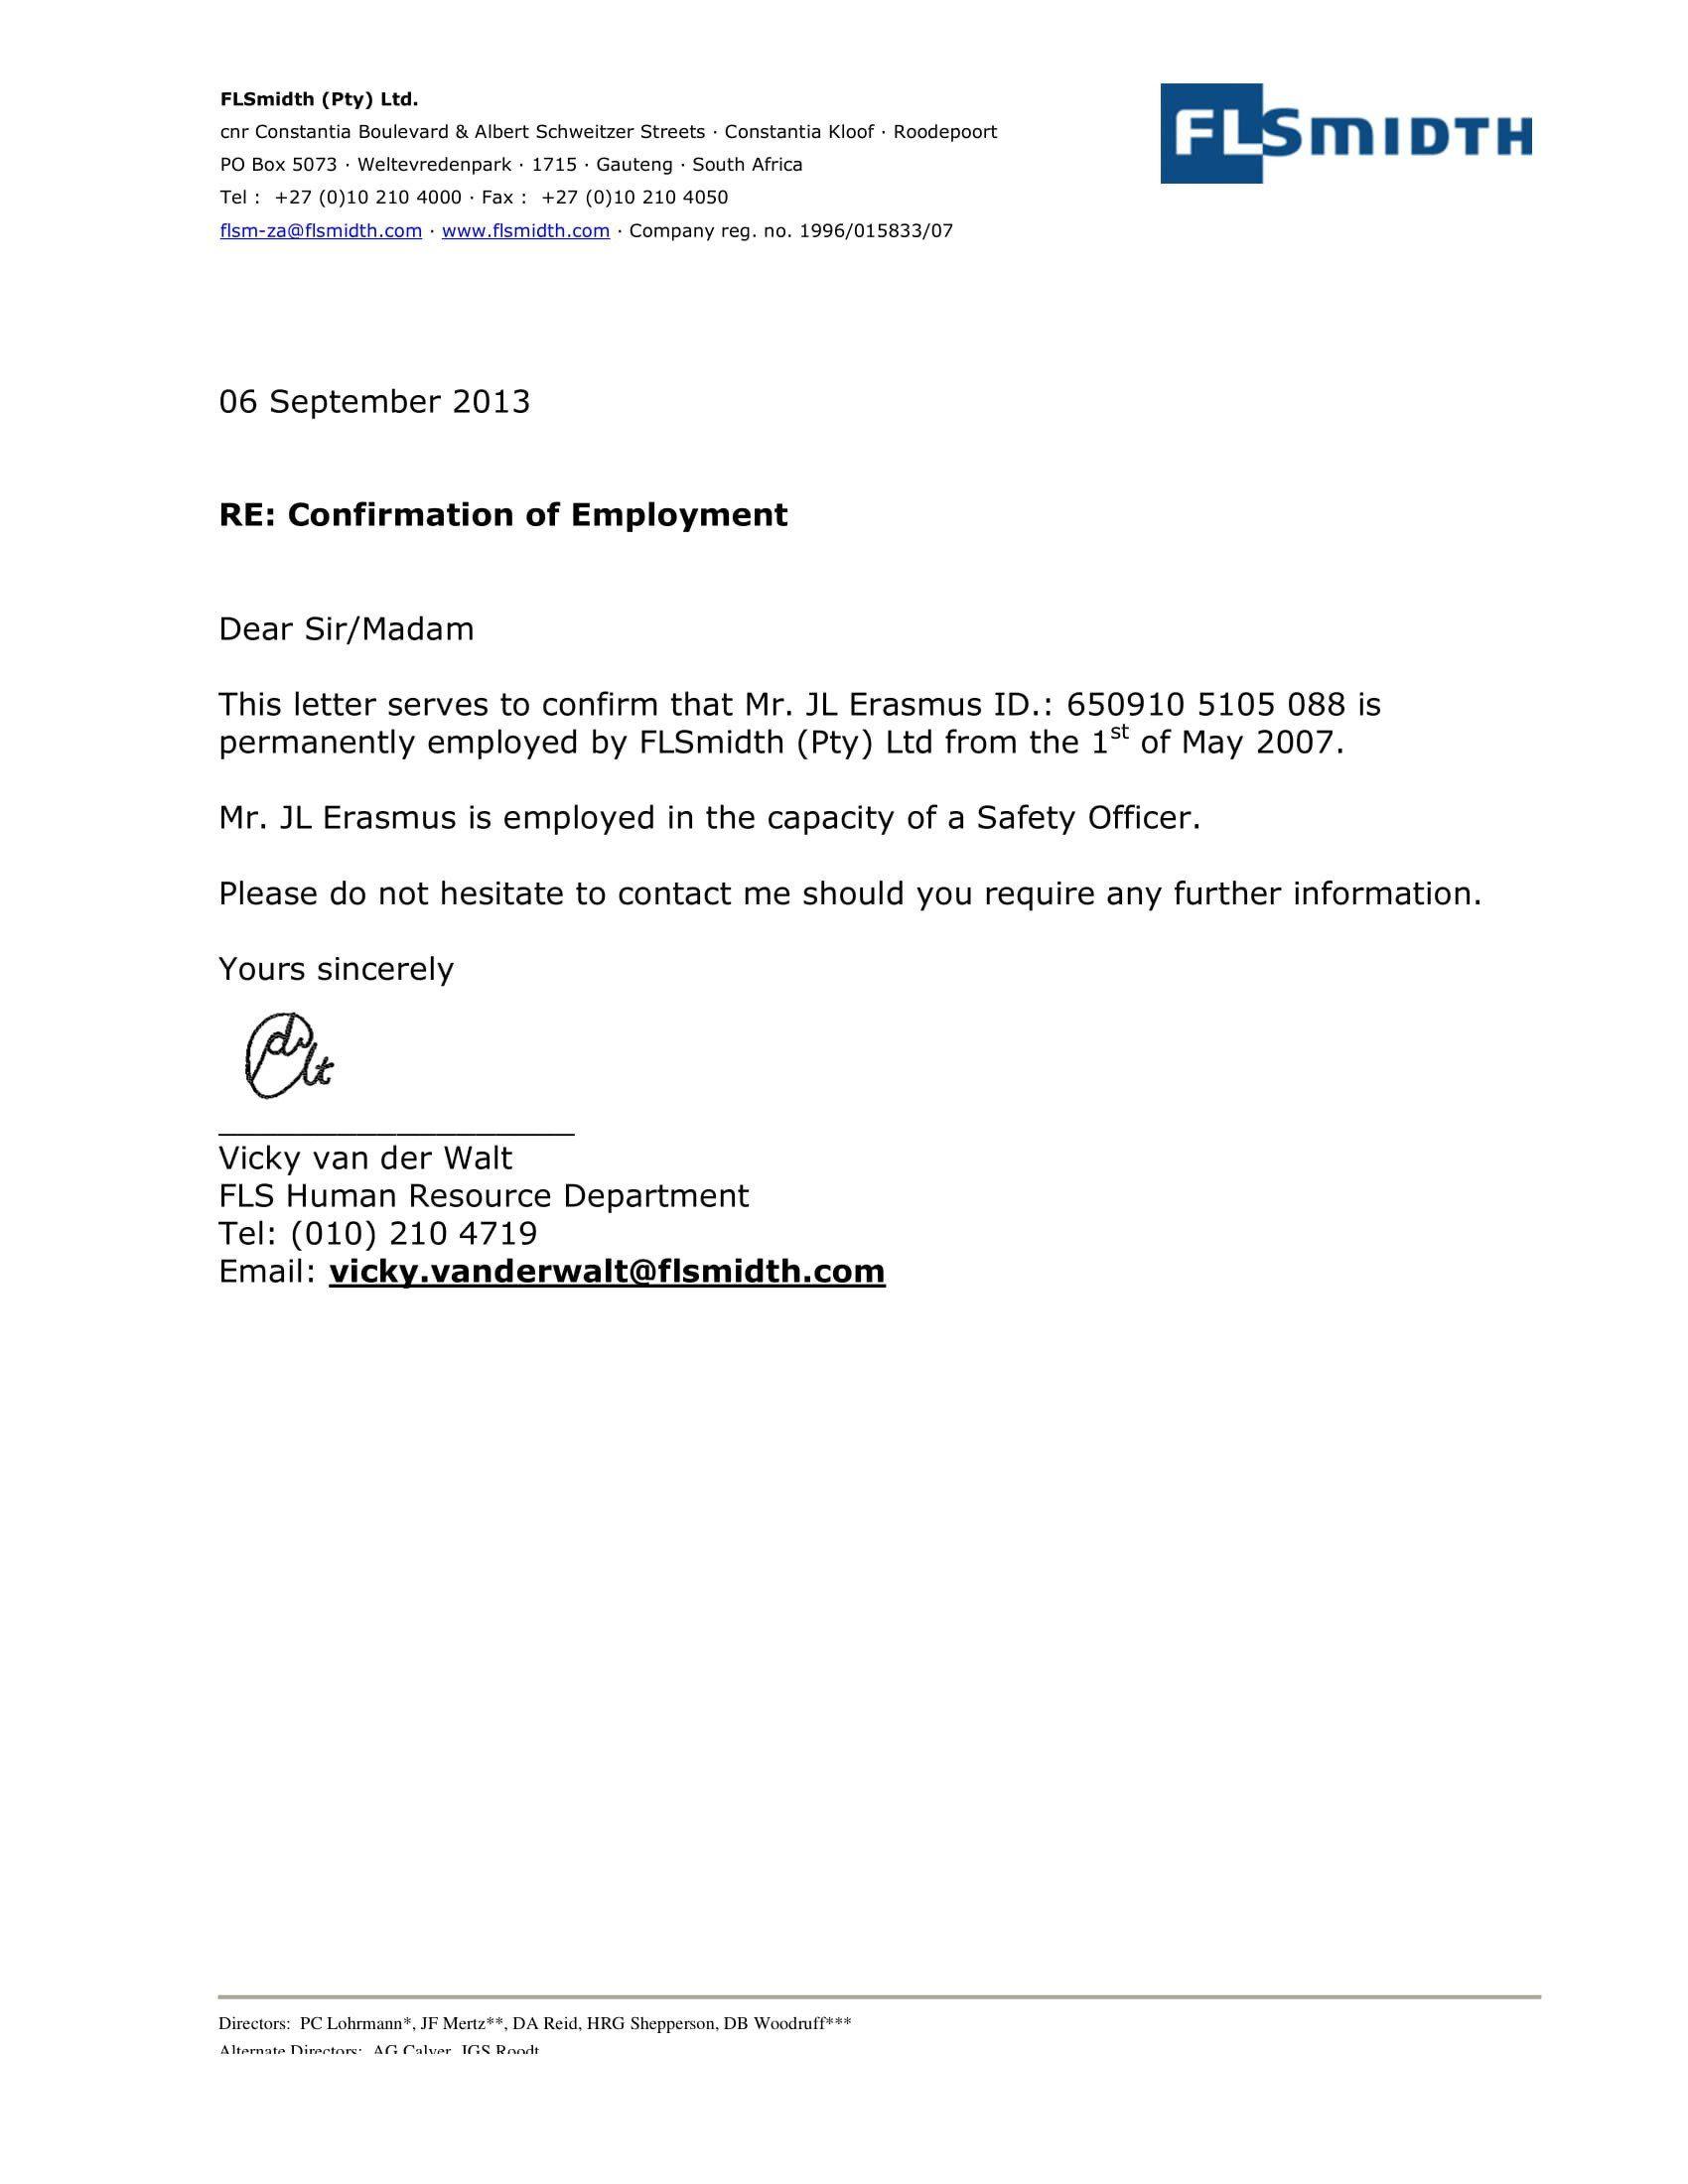 h17b visa employment verification letter